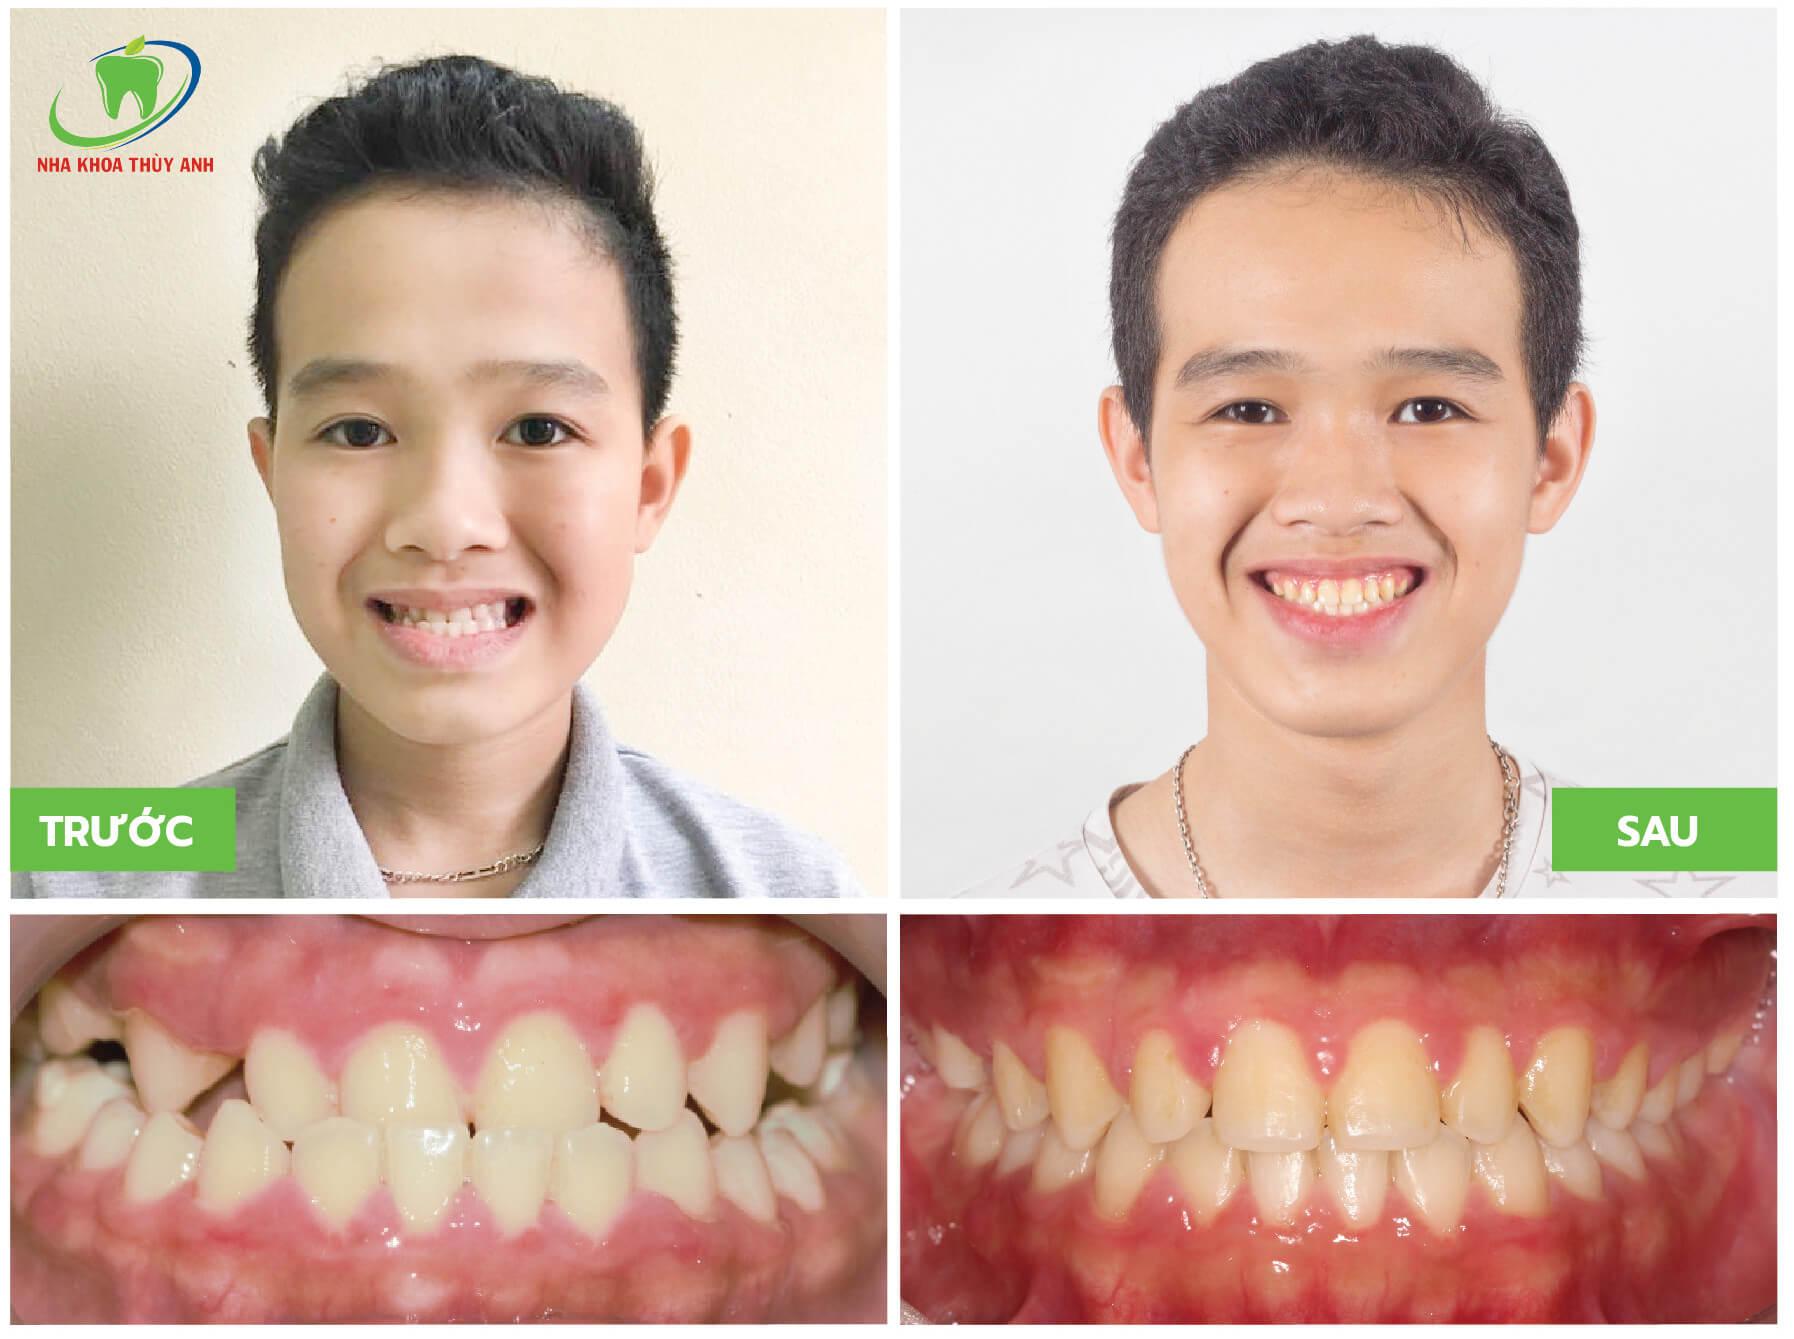 Niềng răng cho trẻ 15 tuổi giá bao nhiêu? Nha khoa Thùy Anh